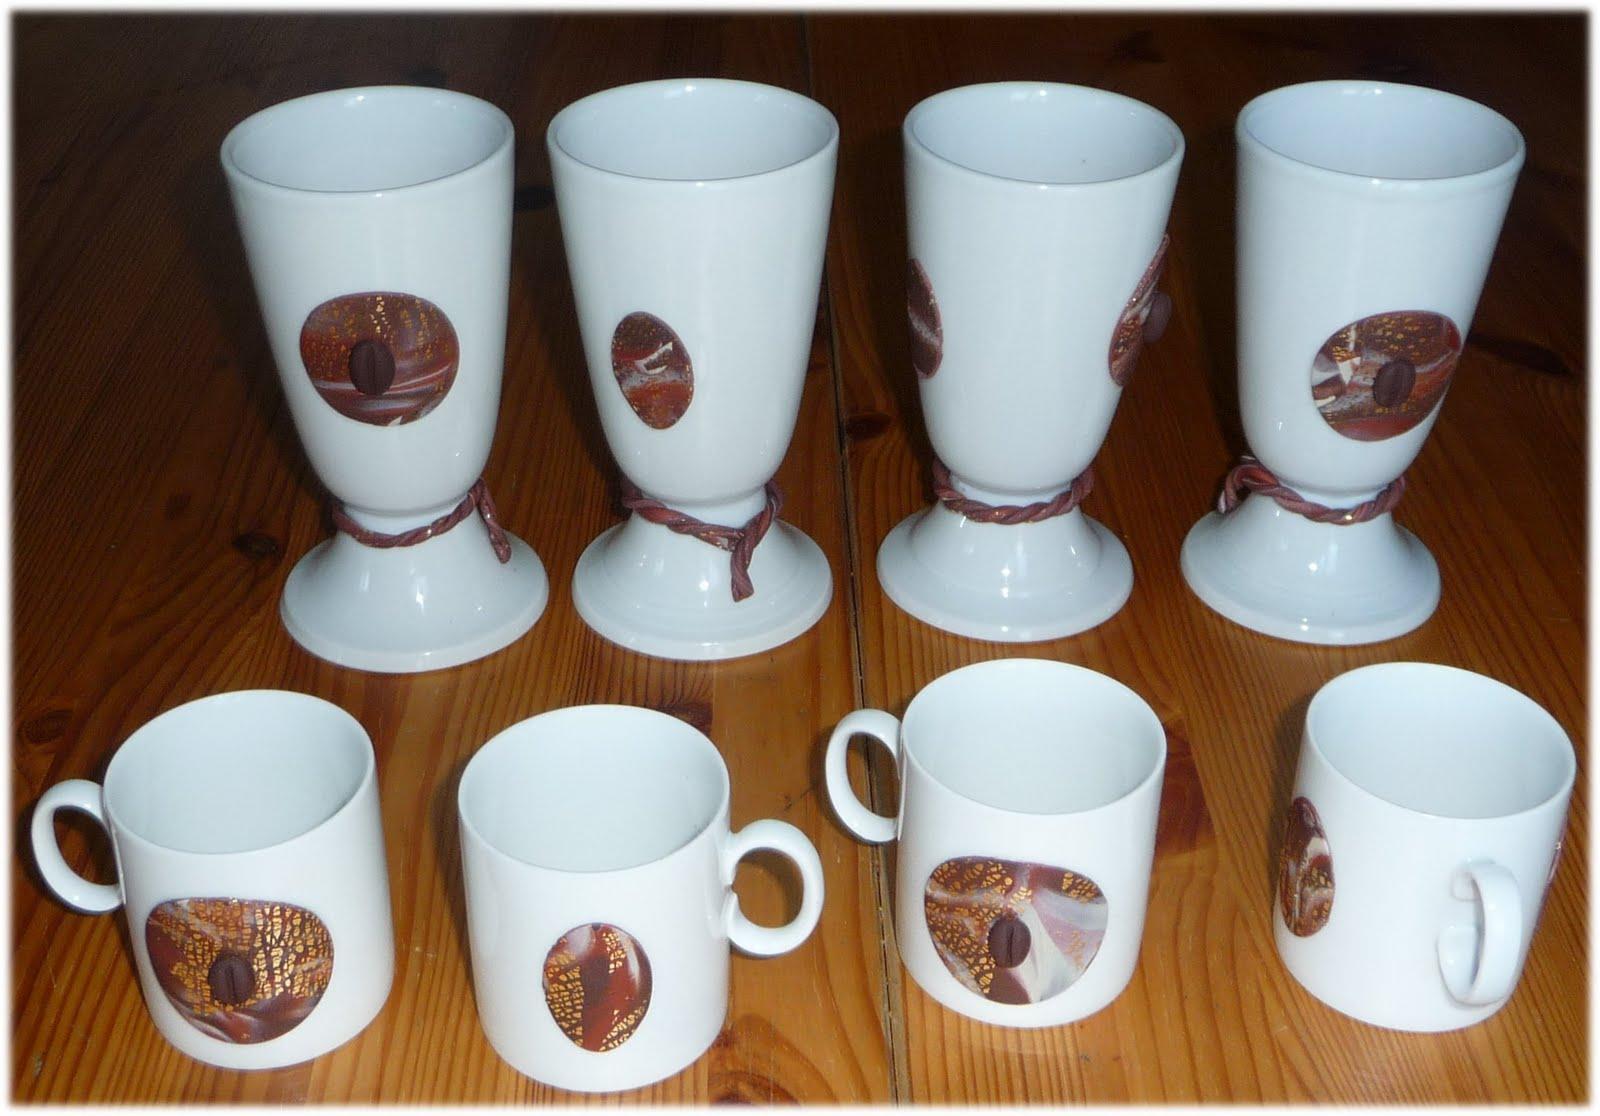 TASSES DE CAFE 8+tasses+caf%C3%A9